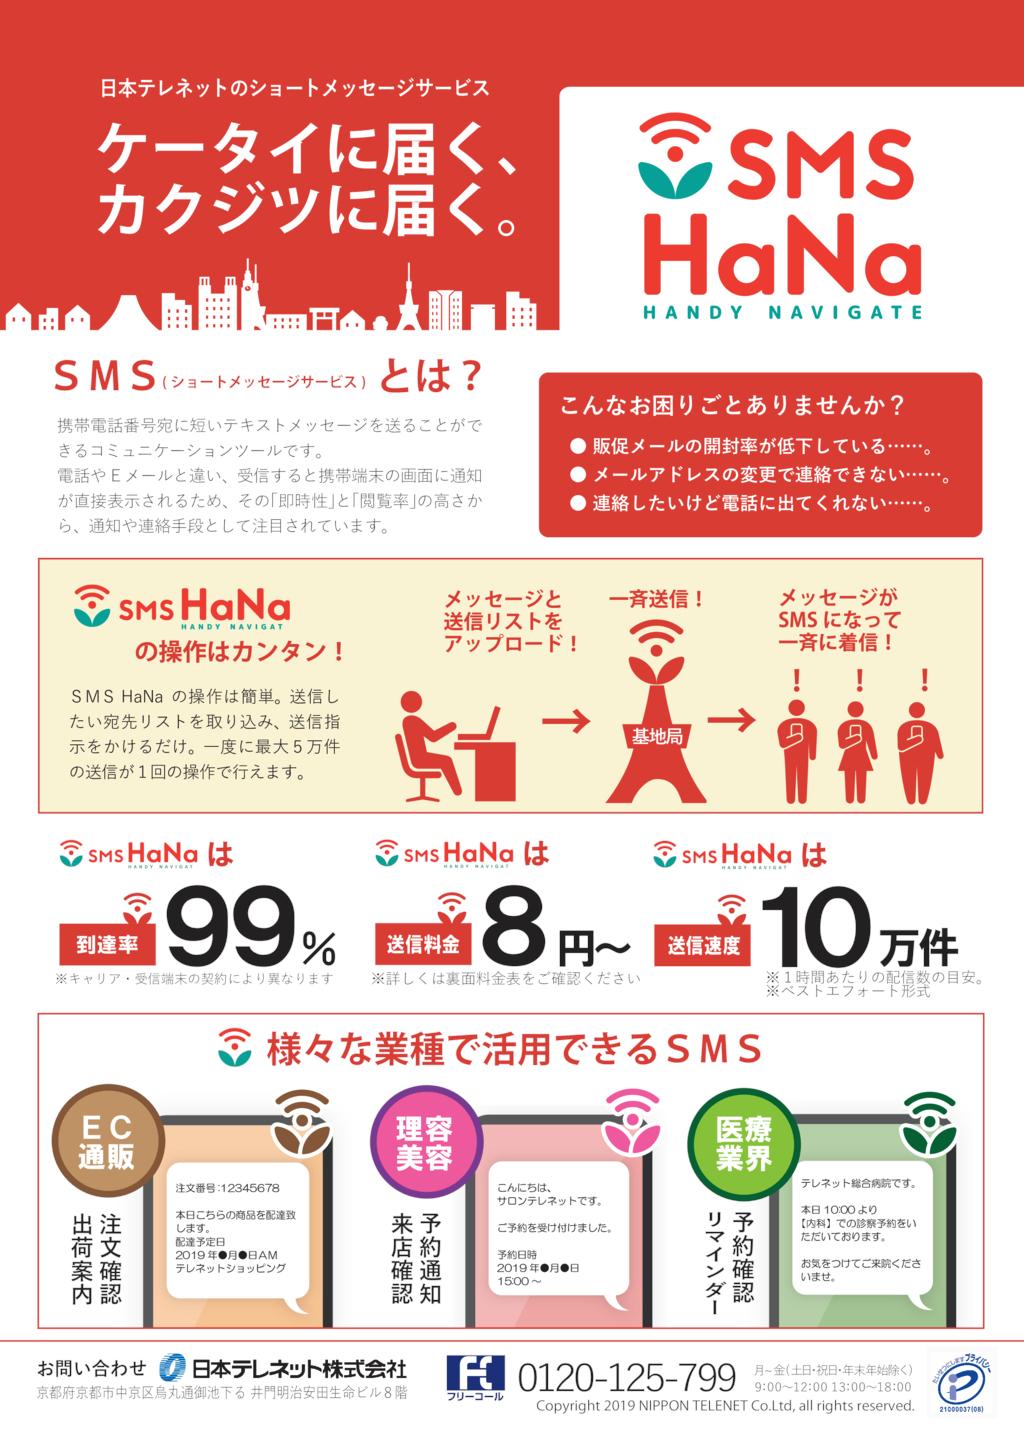 SMS HaNaの資料